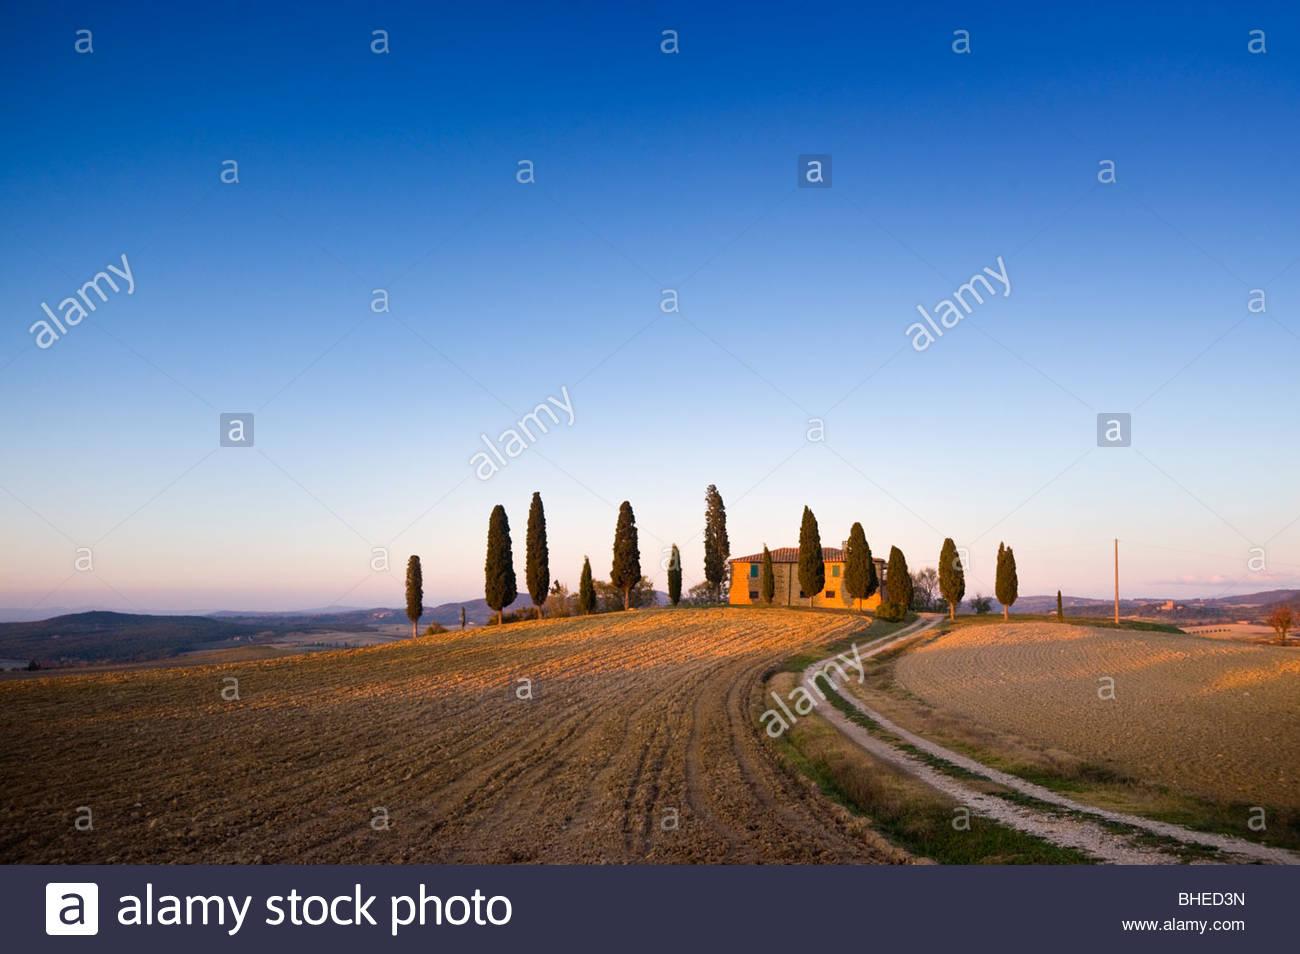 Bauernhaus in der Nähe von Pienza, Val D'Orcia, Toskana, Italien. Stockbild